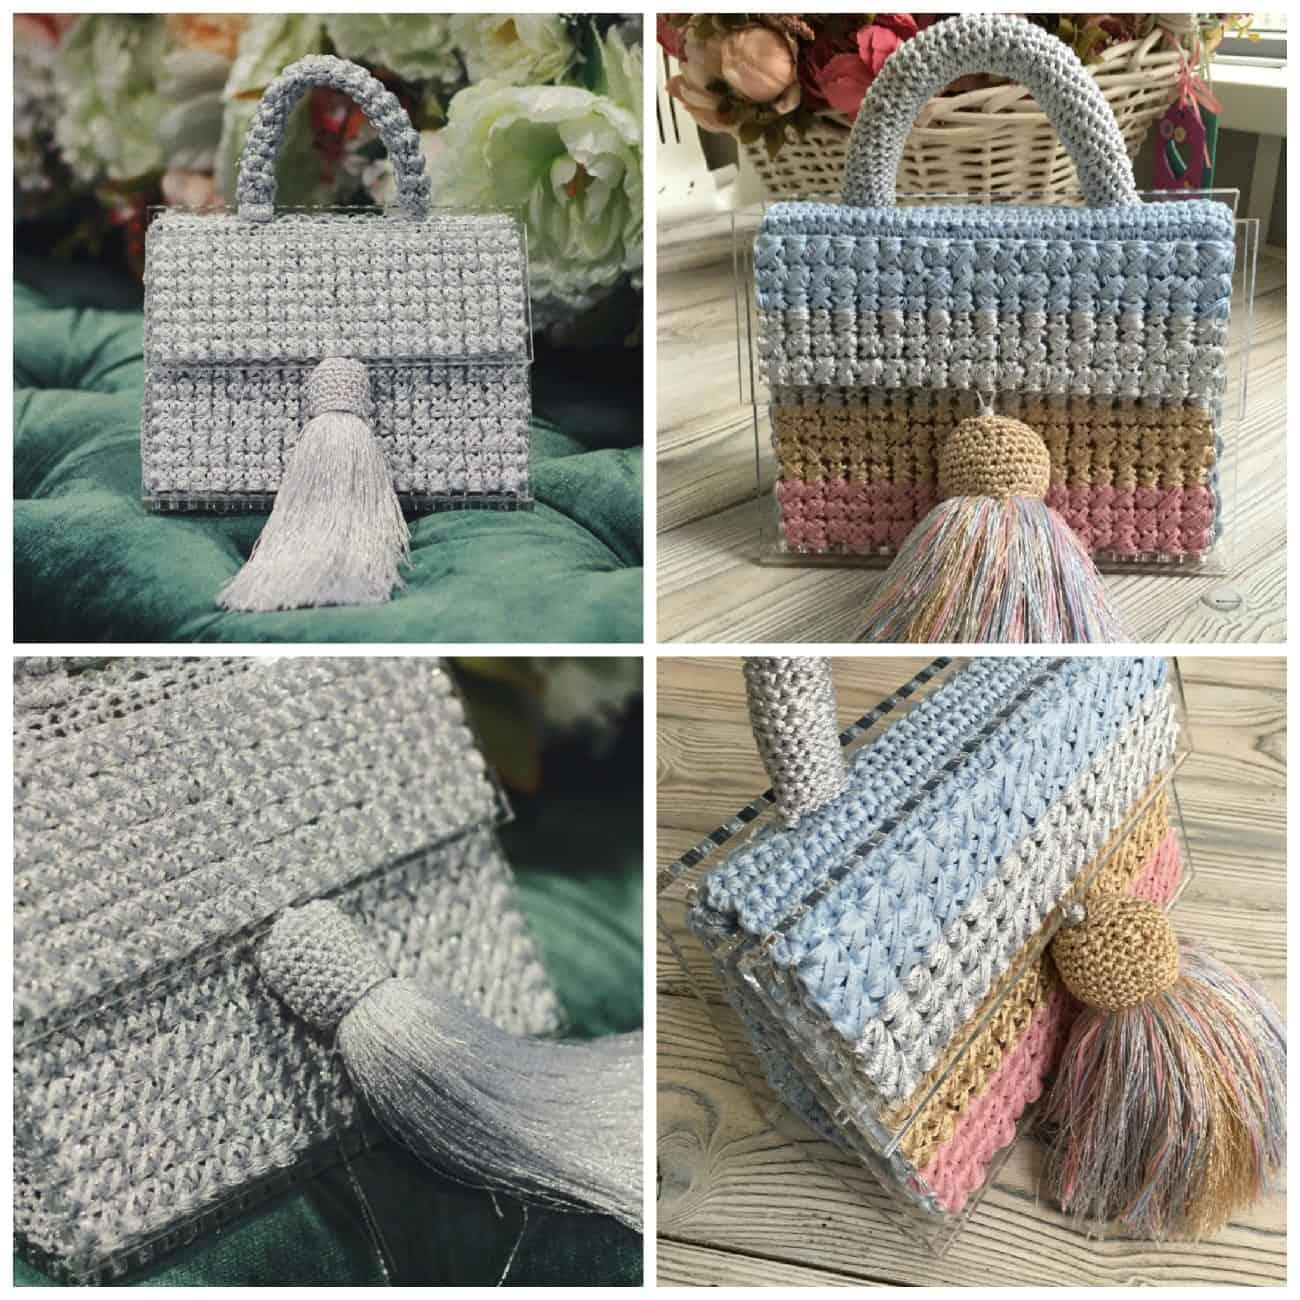 купить вязаную сумку из оргстекла